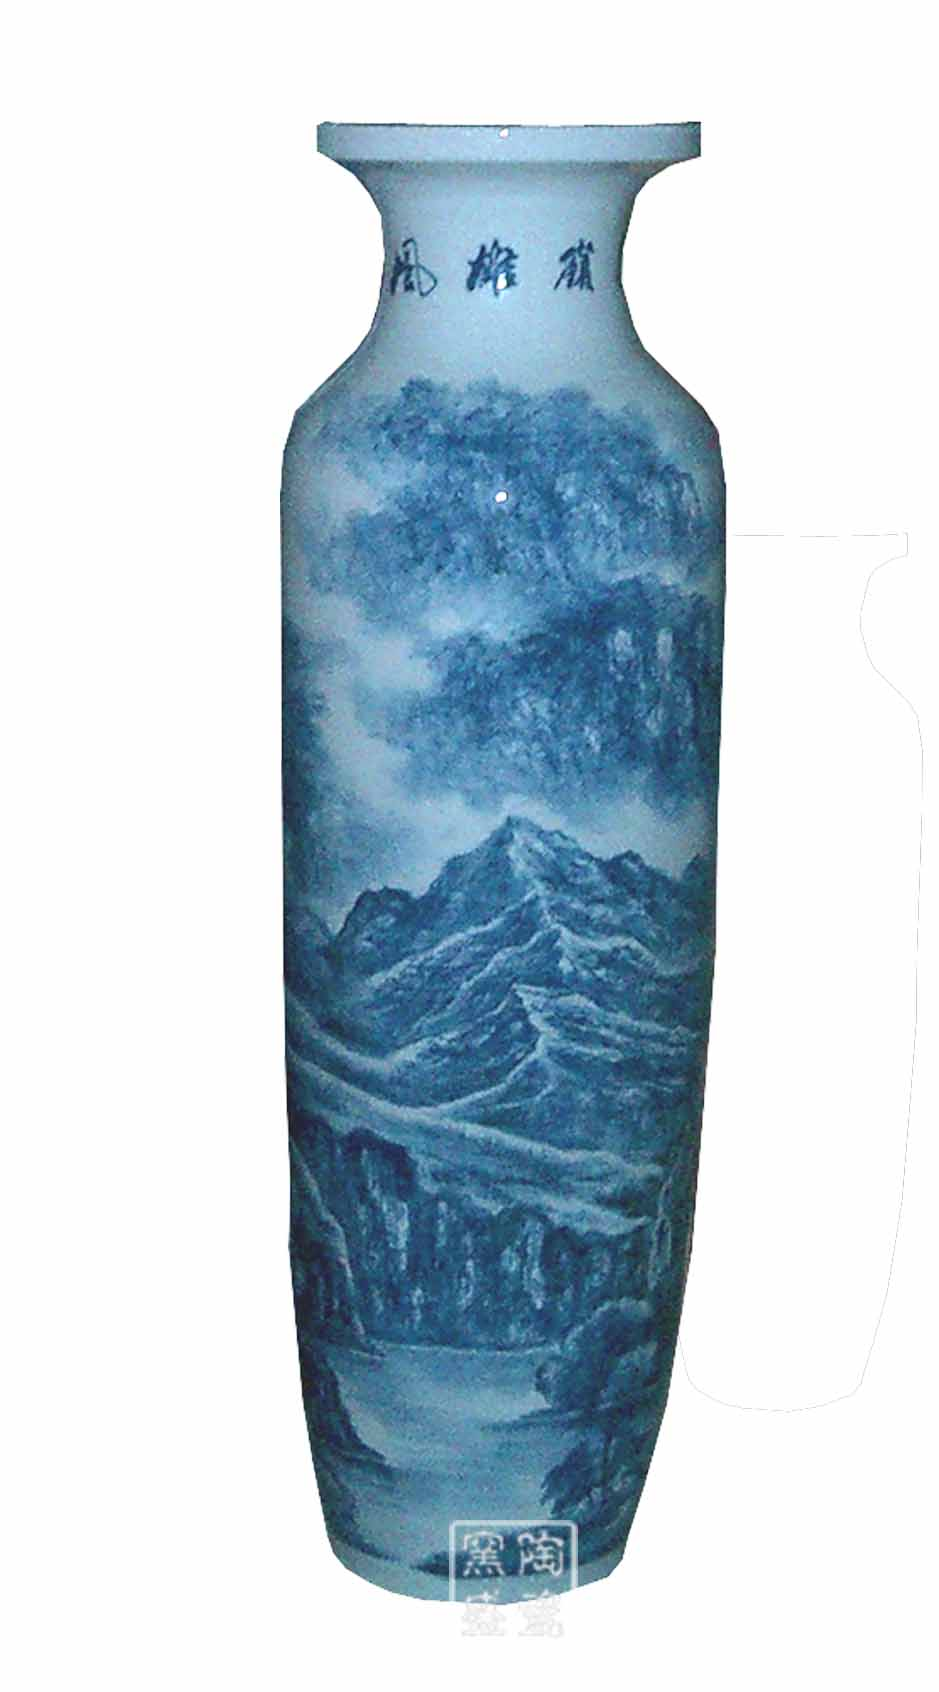 大礼品 陶瓷大花瓶 供应景德镇陶瓷大花瓶手工绘画制作陶瓷